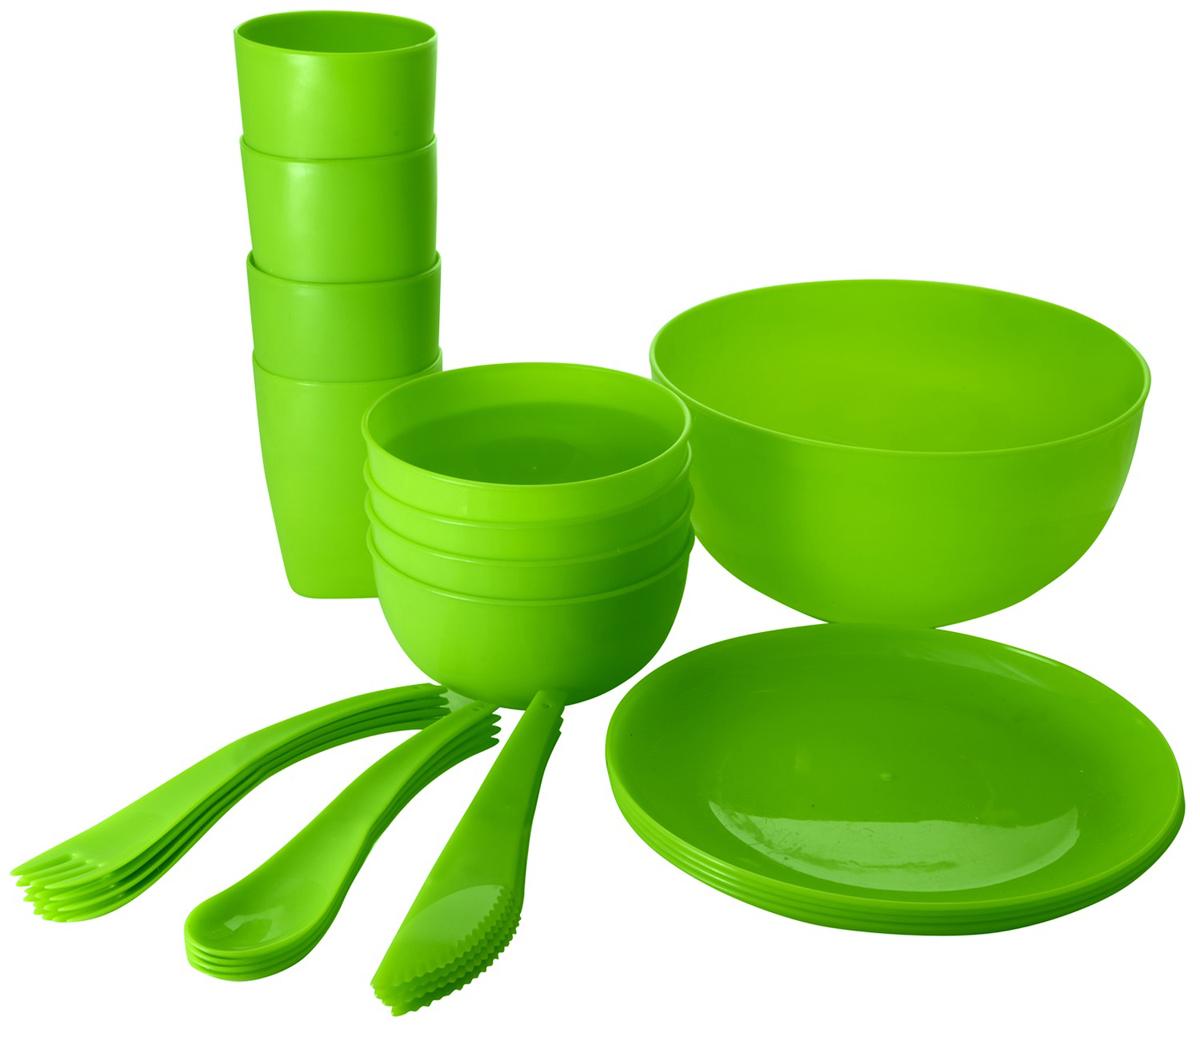 Набор для пикника и барбекю Plastic Centre, на 4 персоны, цвет: лайм набор для пикника идеал plastic centre на 6 персон 38 предметов